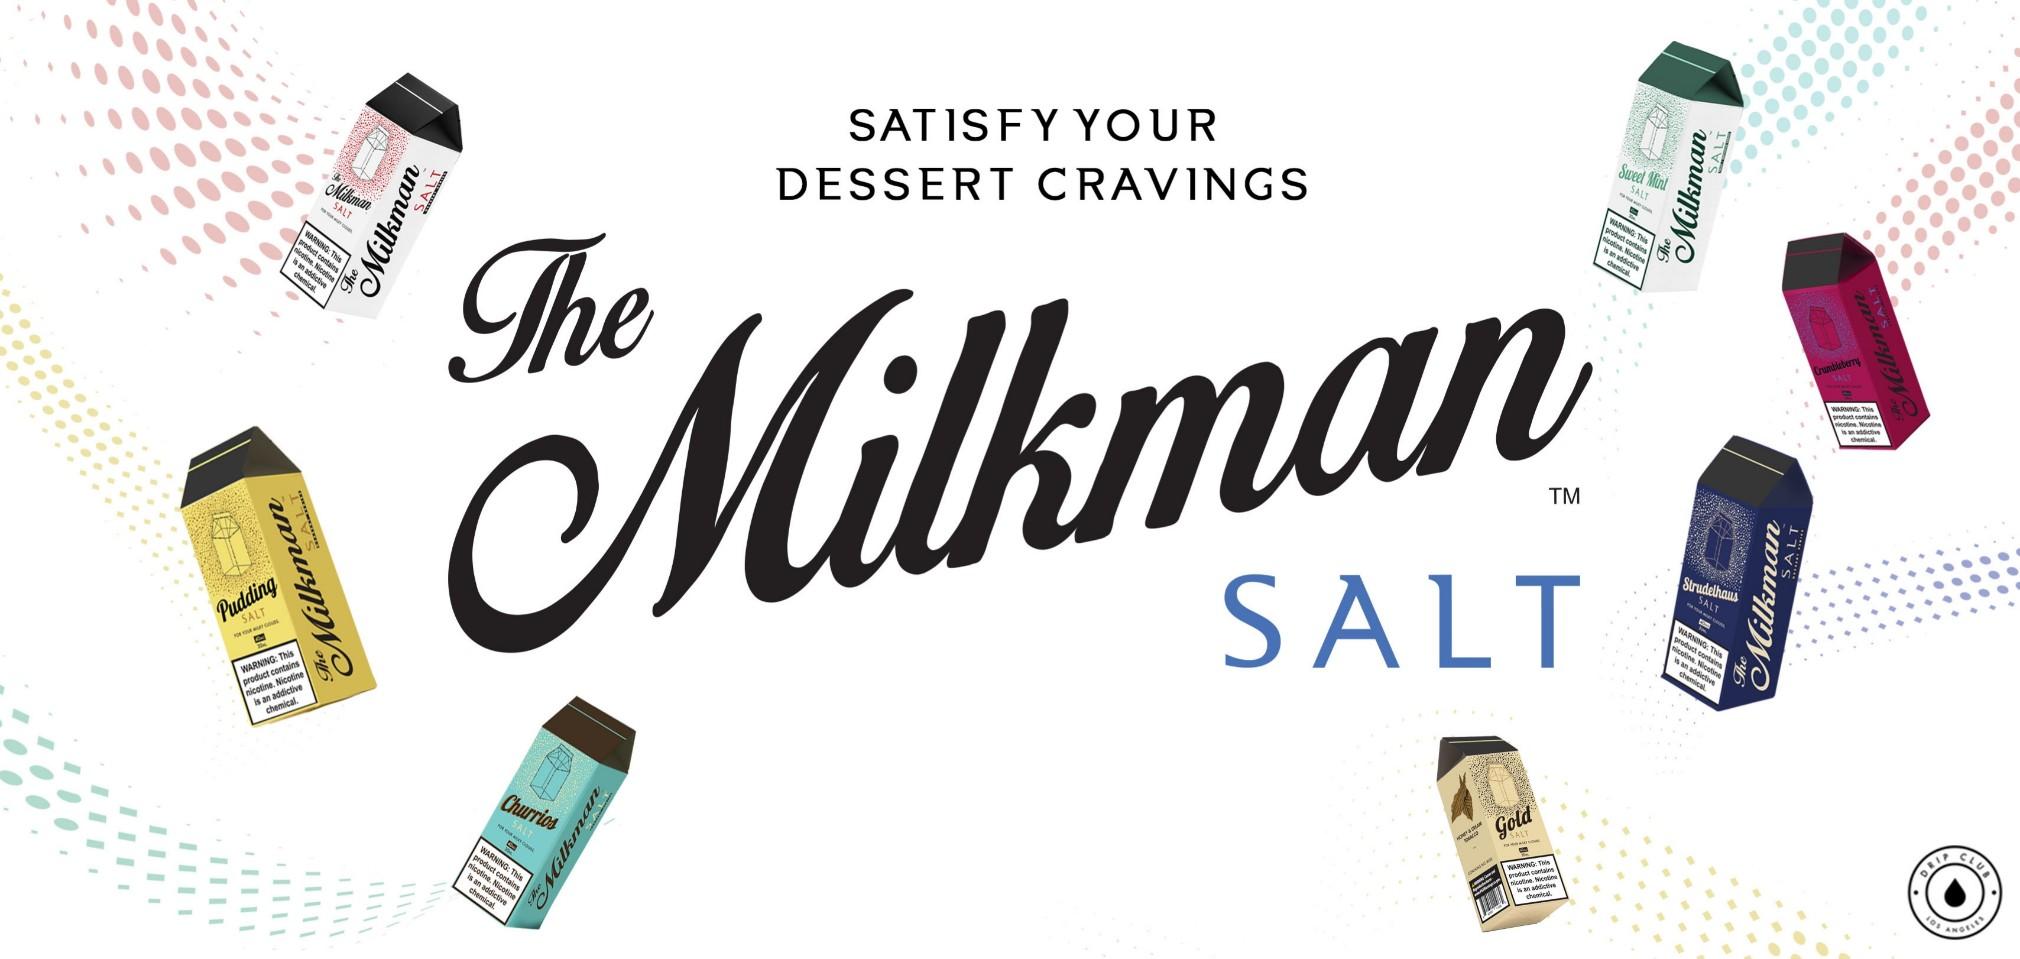 milkman-salt-nic-banner-eliquid-vape-ejuice-20180418112014339-edited.jpg